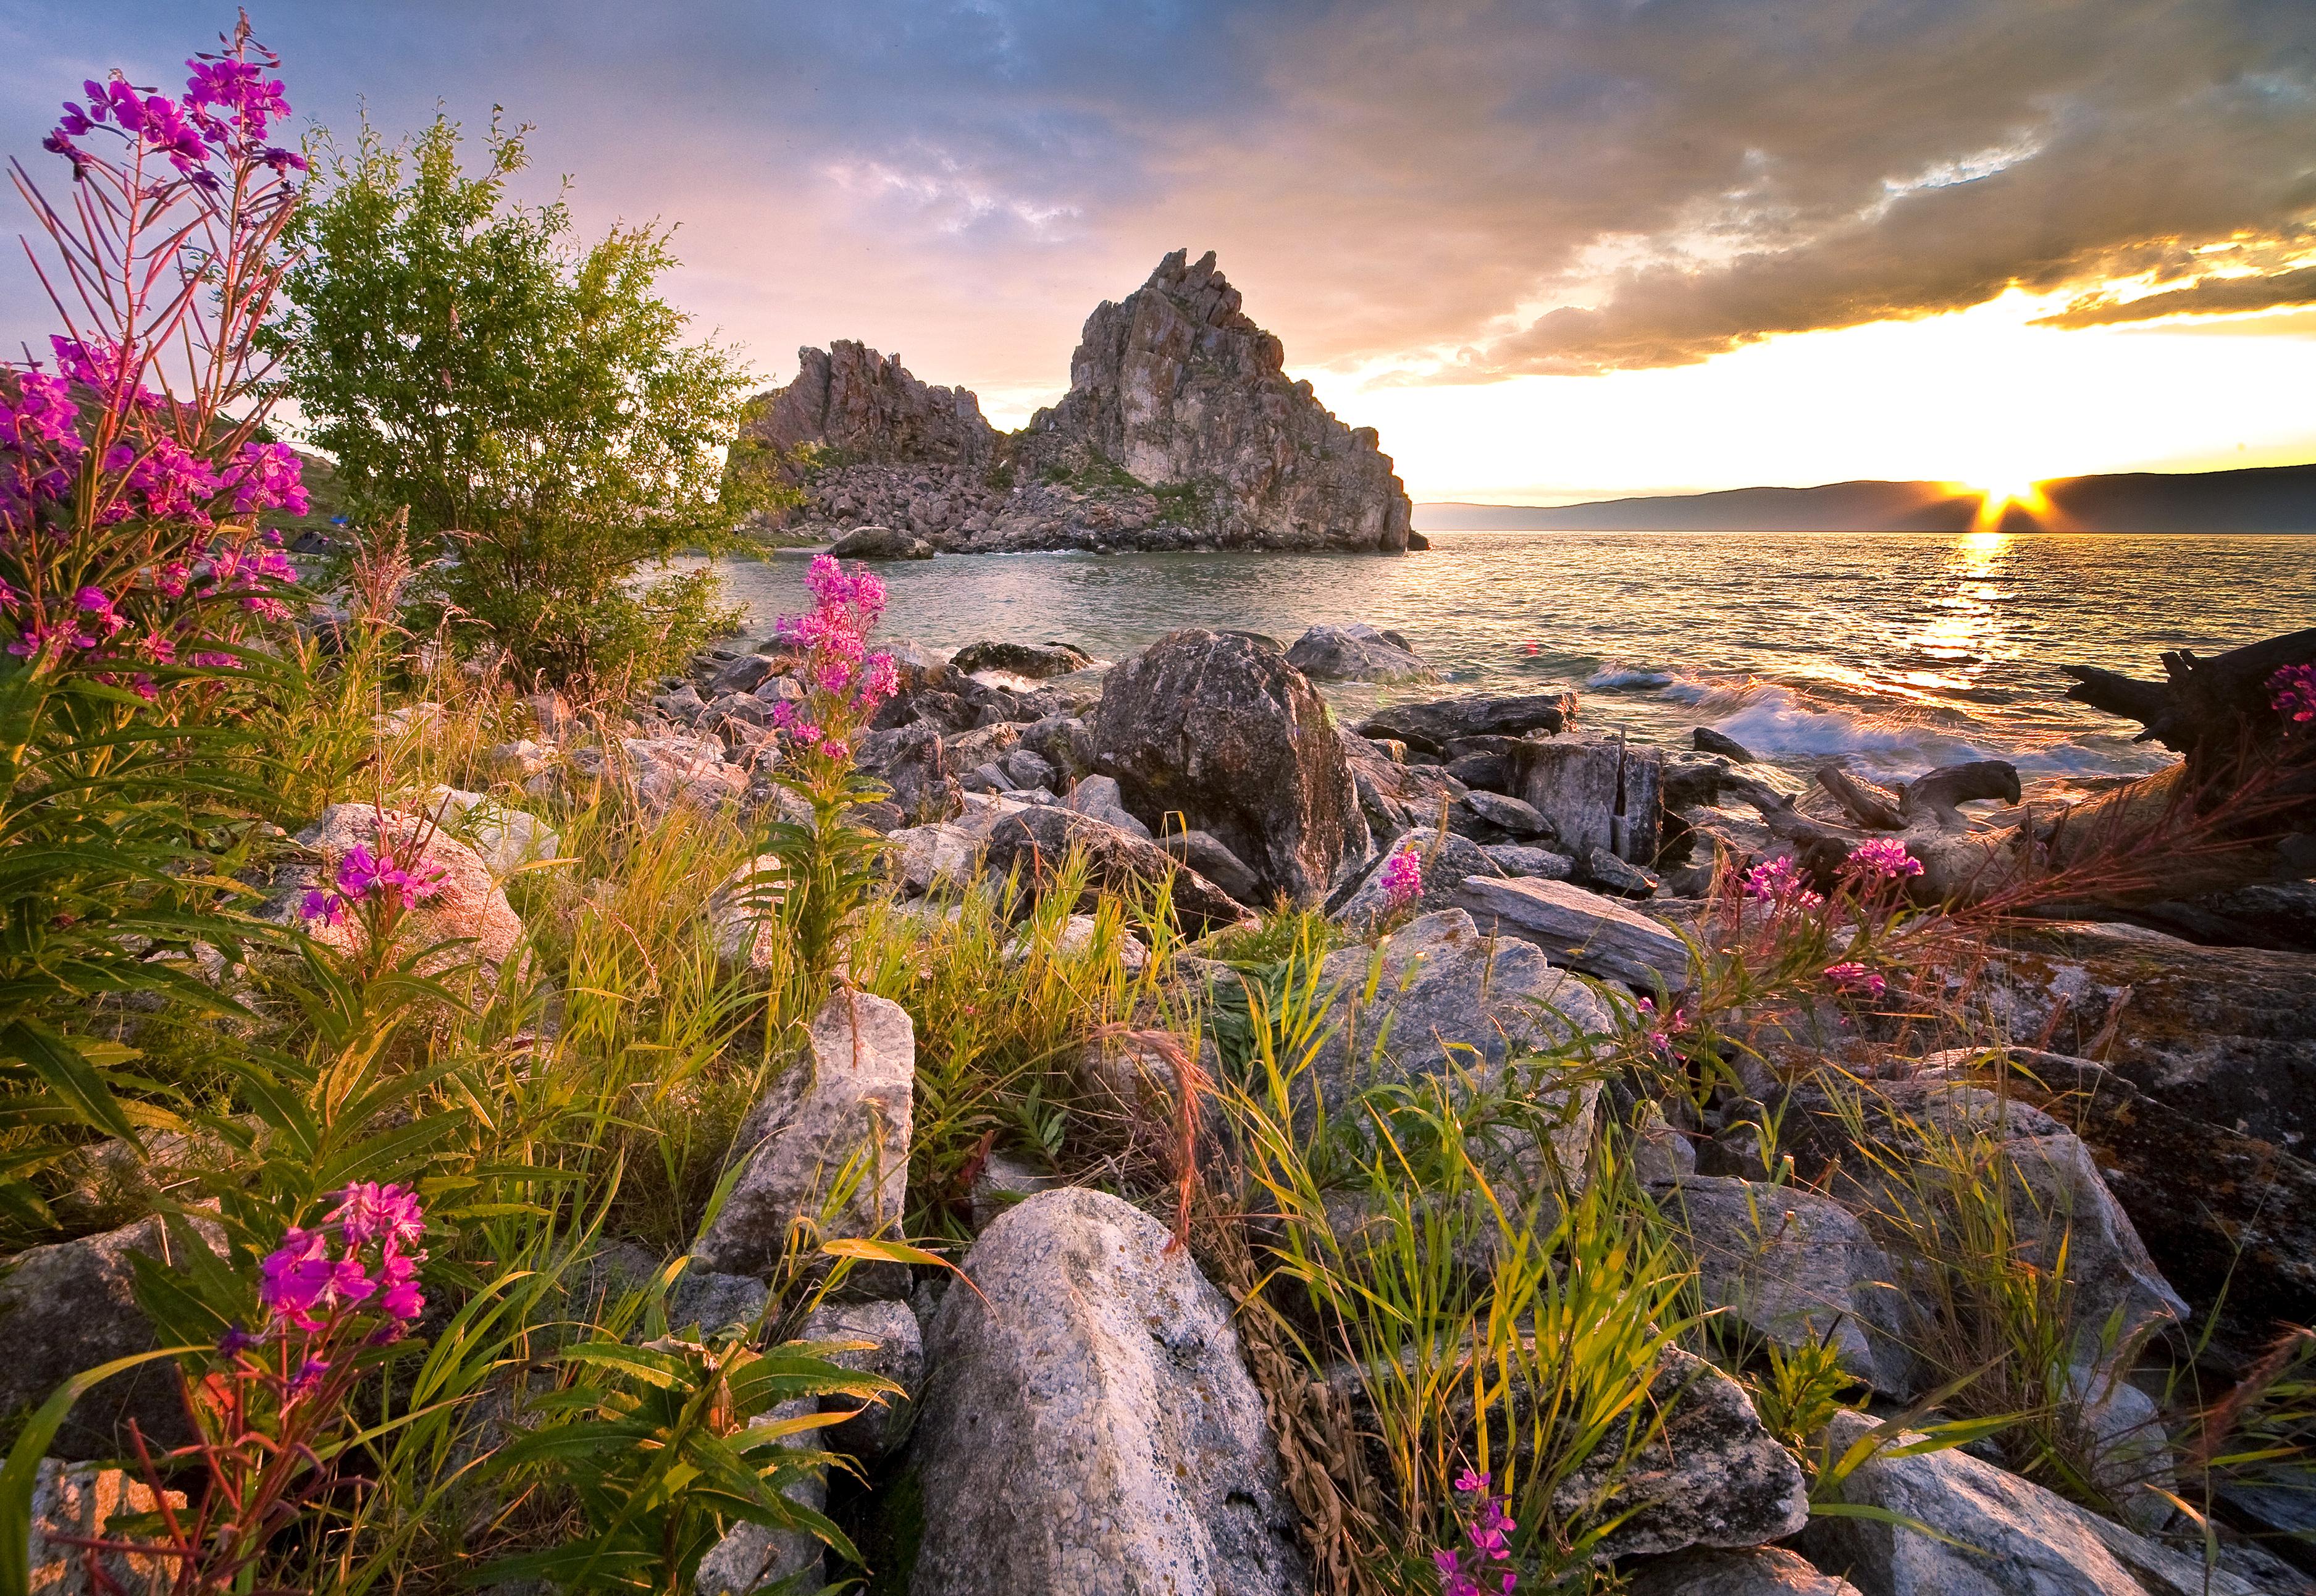 Картинки красивых мест природы в россии